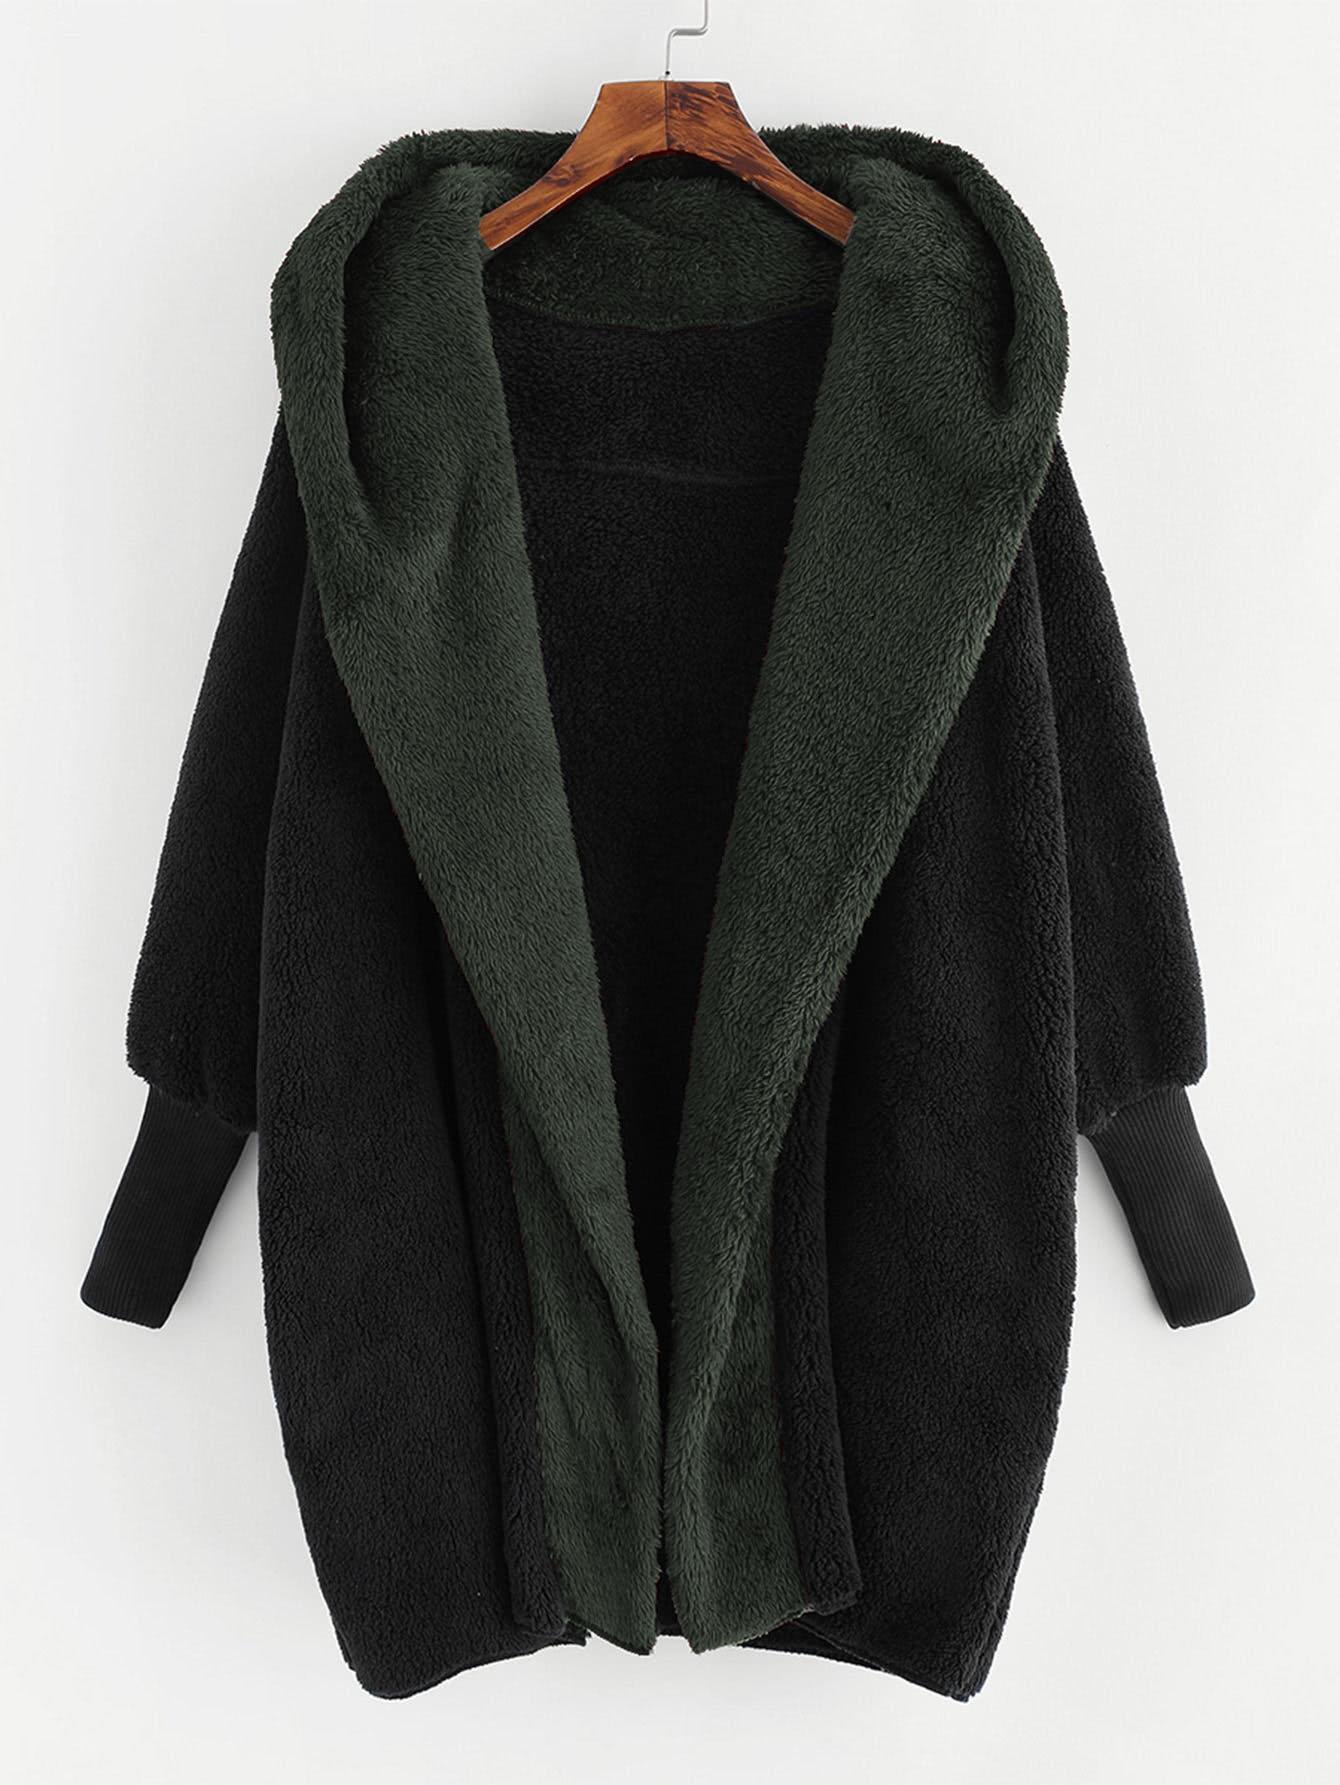 Купить Тедди пальто с капюшоном из искусственных кож, null, SheIn